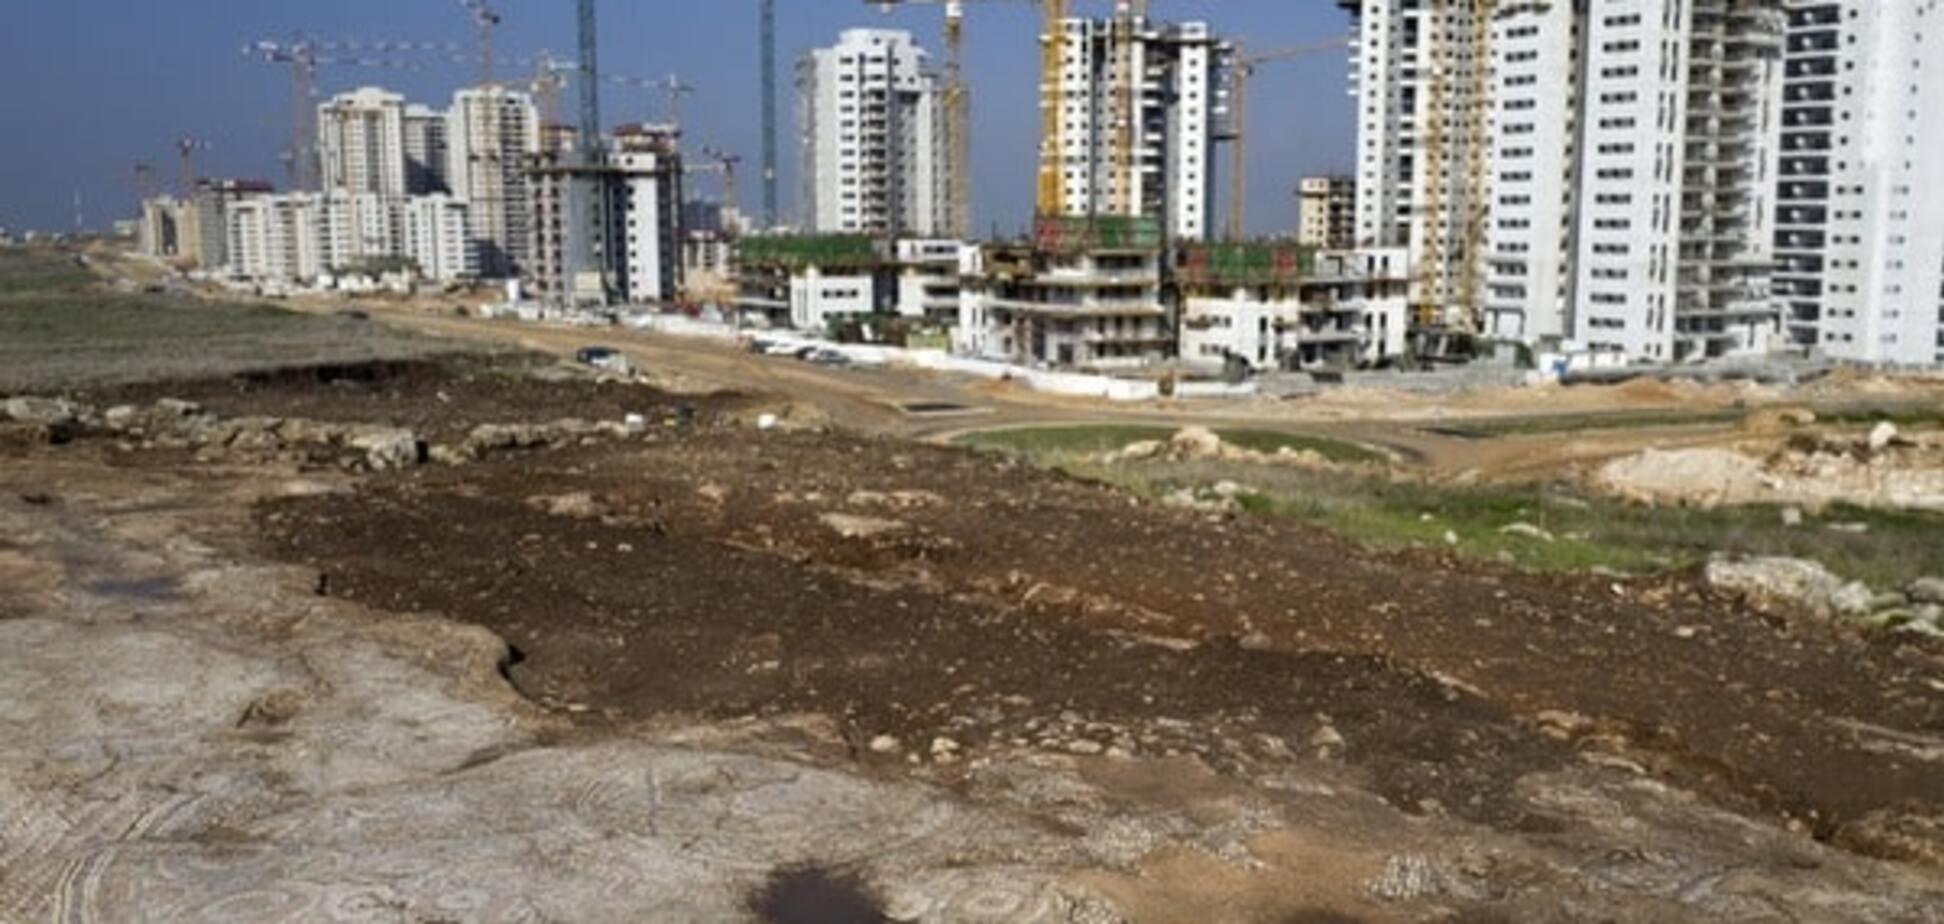 За лаштунками 'соціального житла': підводні камені дешевої оренди